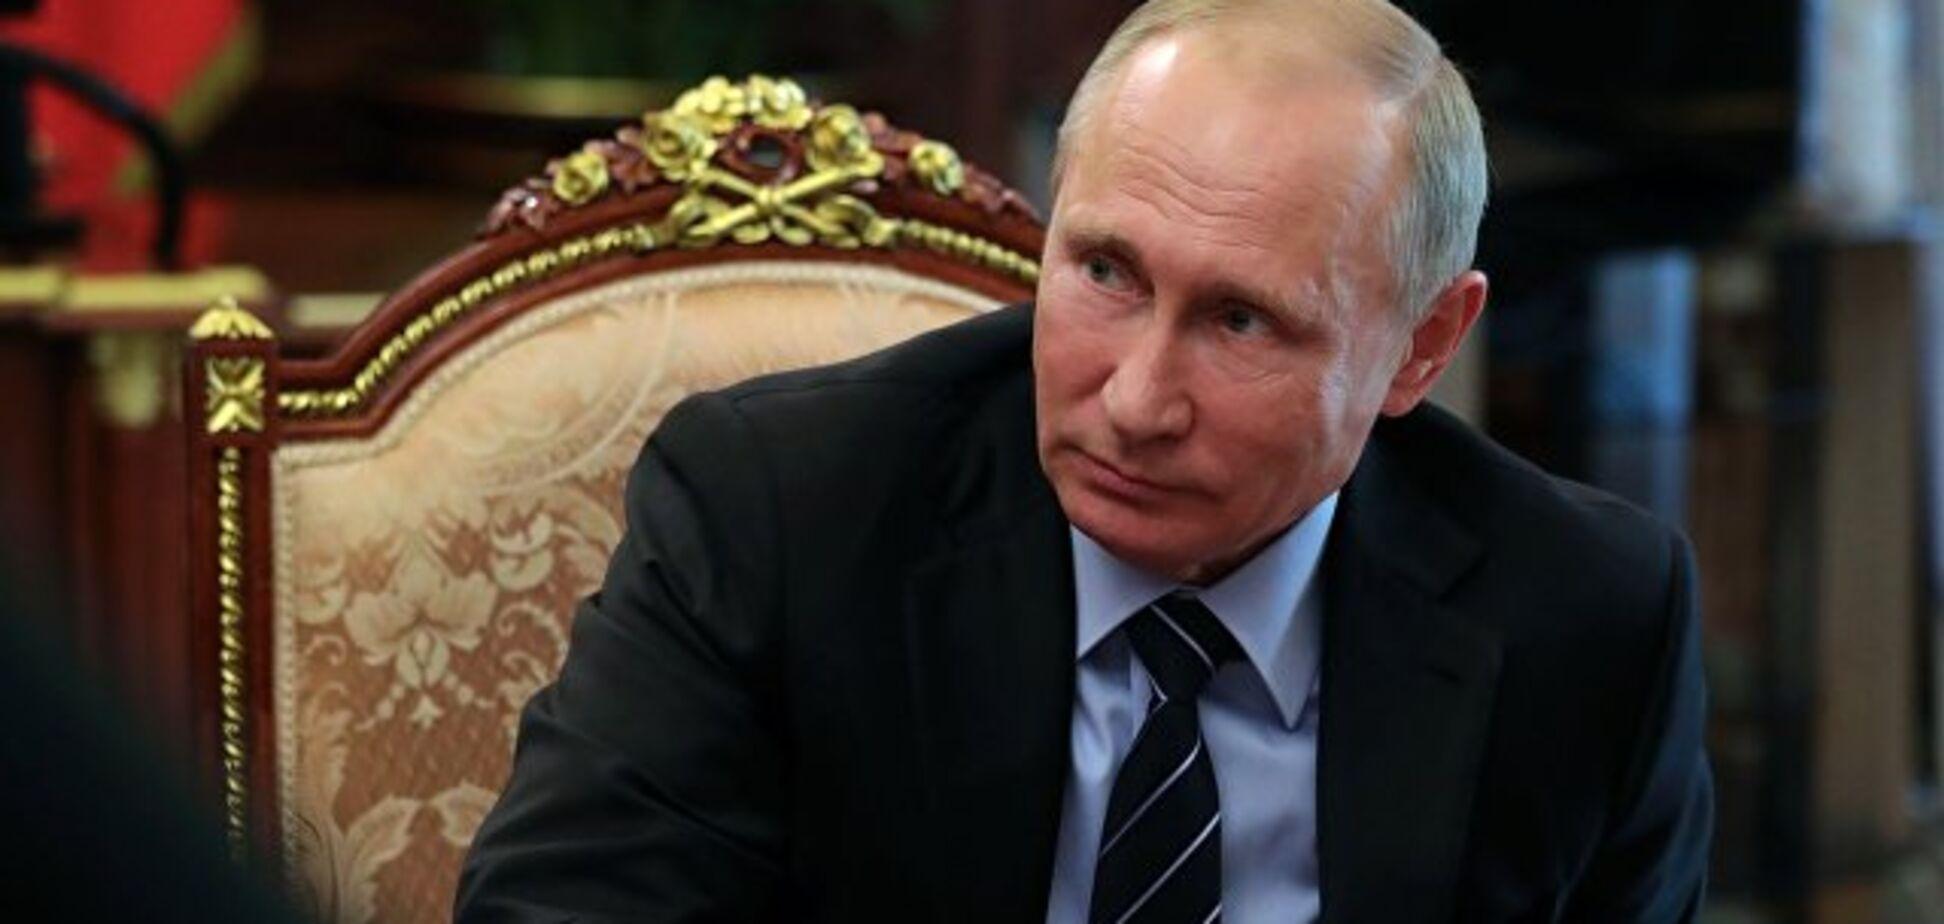 Друзья Путина пойдут на отчаянный шаг? Спрогнозирована реакция на санкции